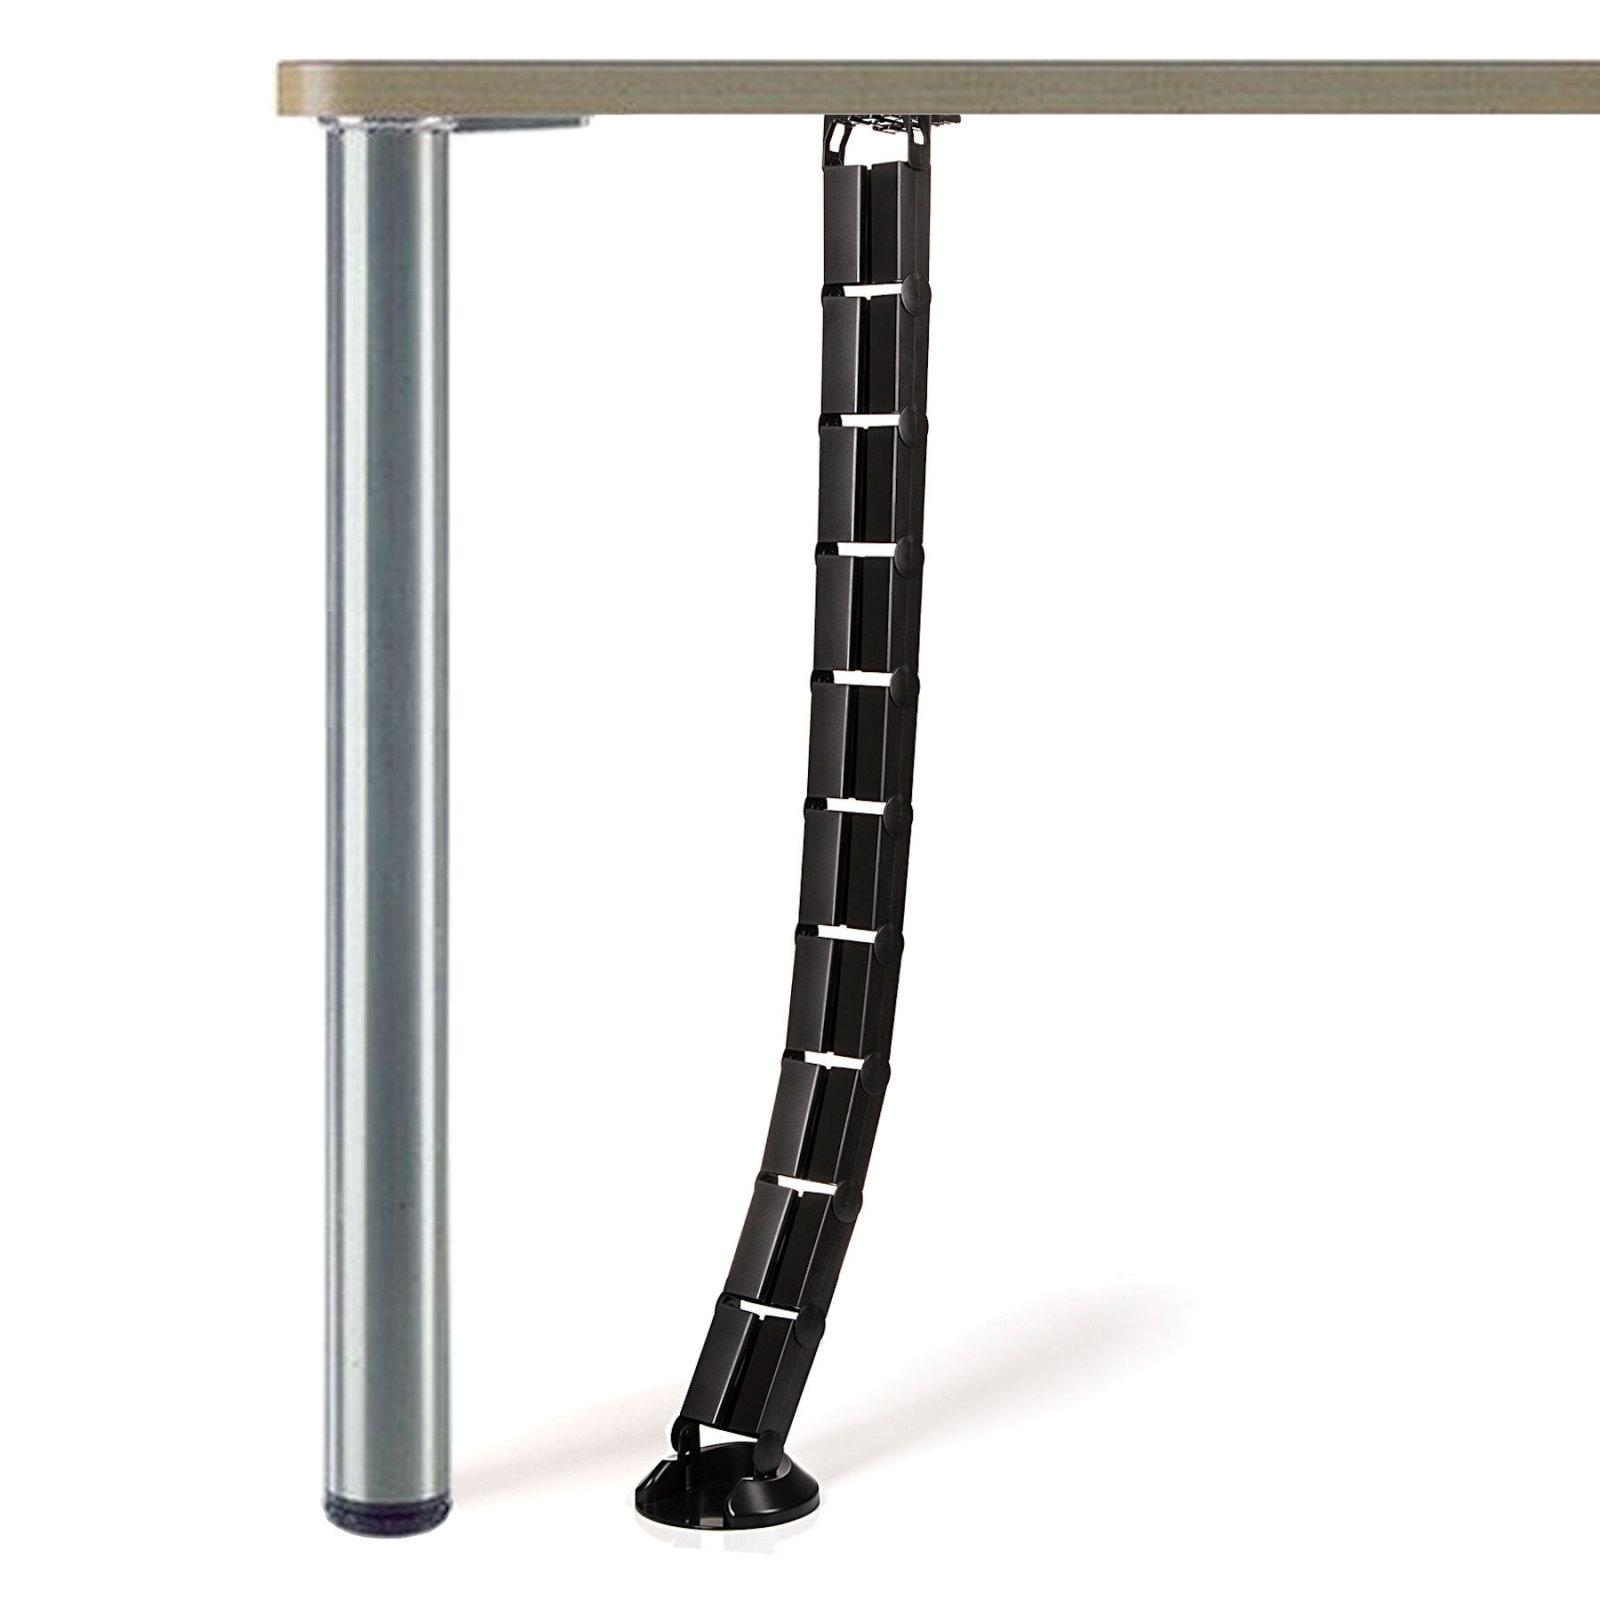 so tech schreibtisch kabelbaum kabelkanal kabelf hrung. Black Bedroom Furniture Sets. Home Design Ideas